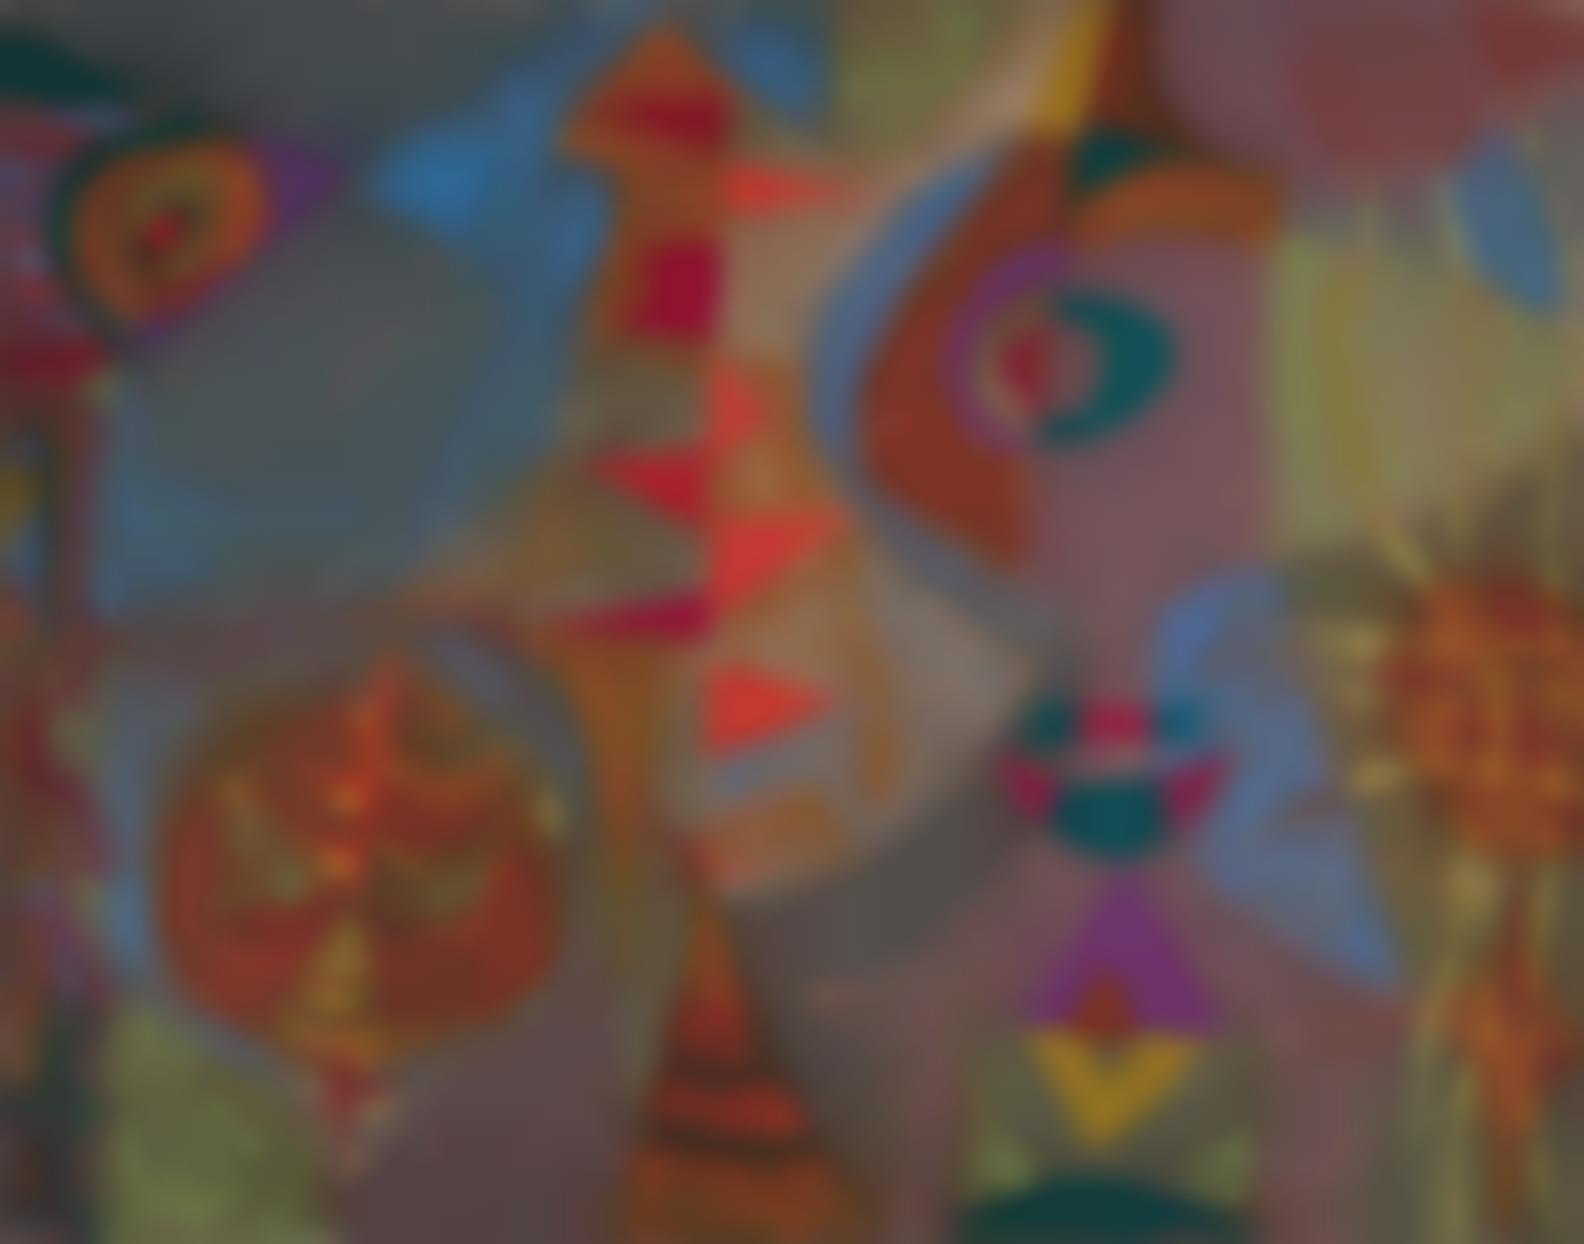 Joseph Fiore - Abstract #5-1949